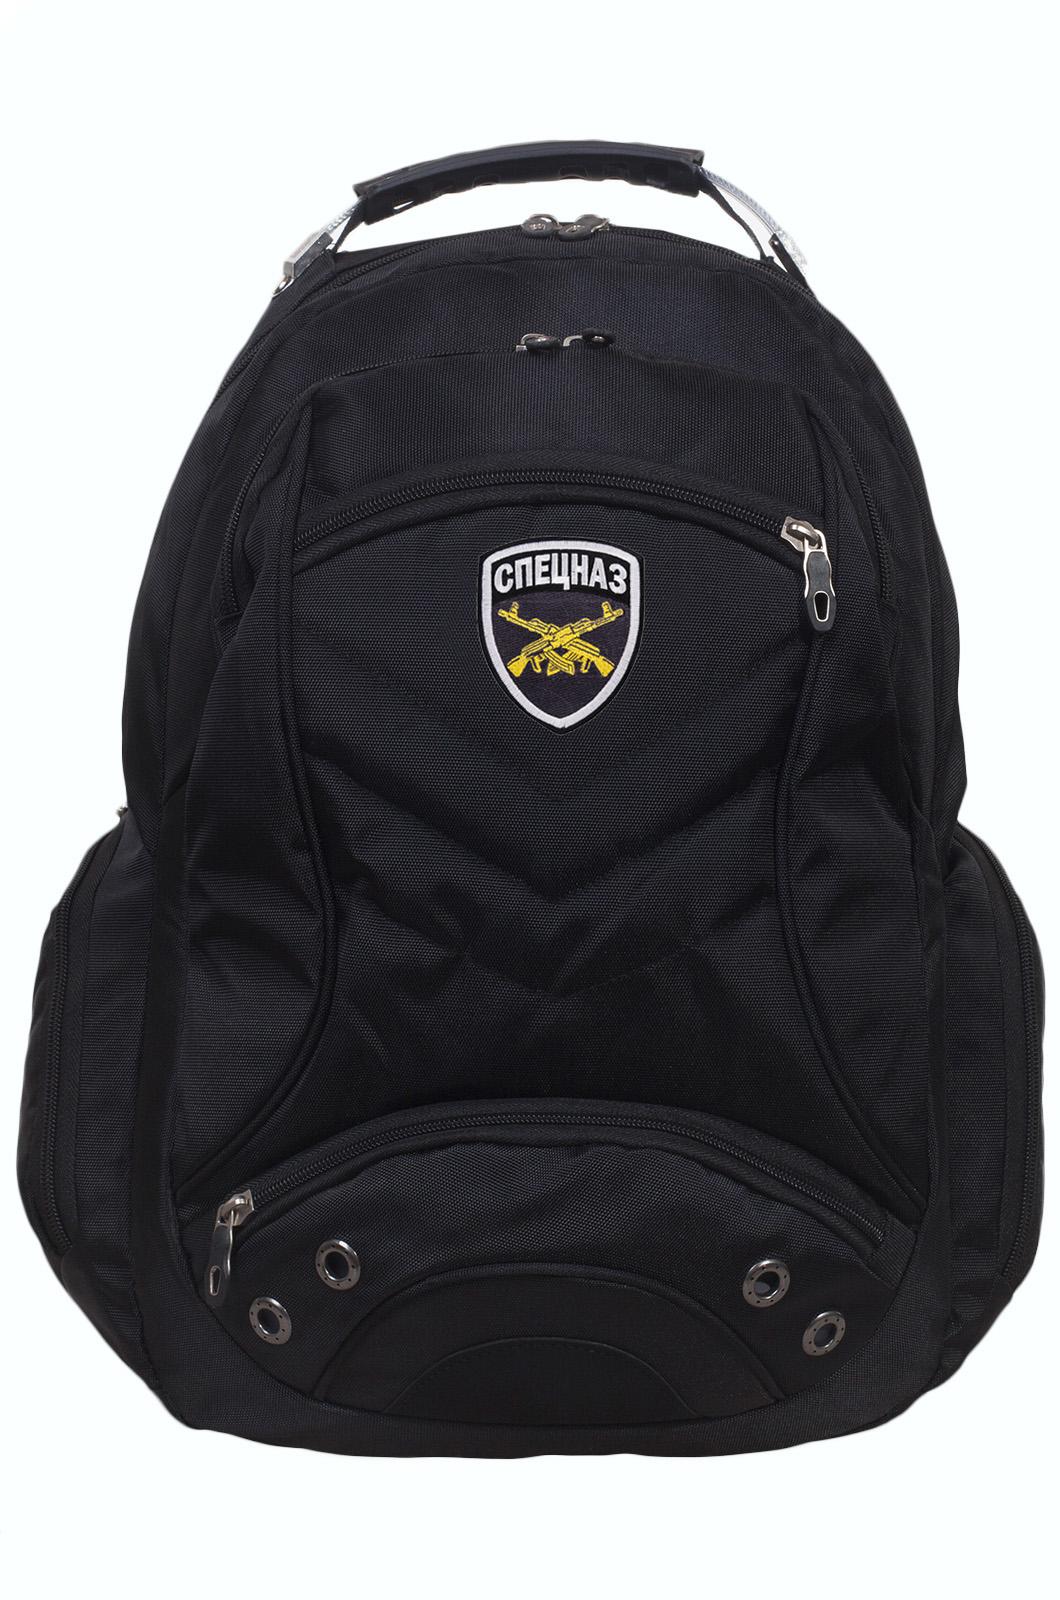 Черный городской рюкзак с шевроном Спецназ